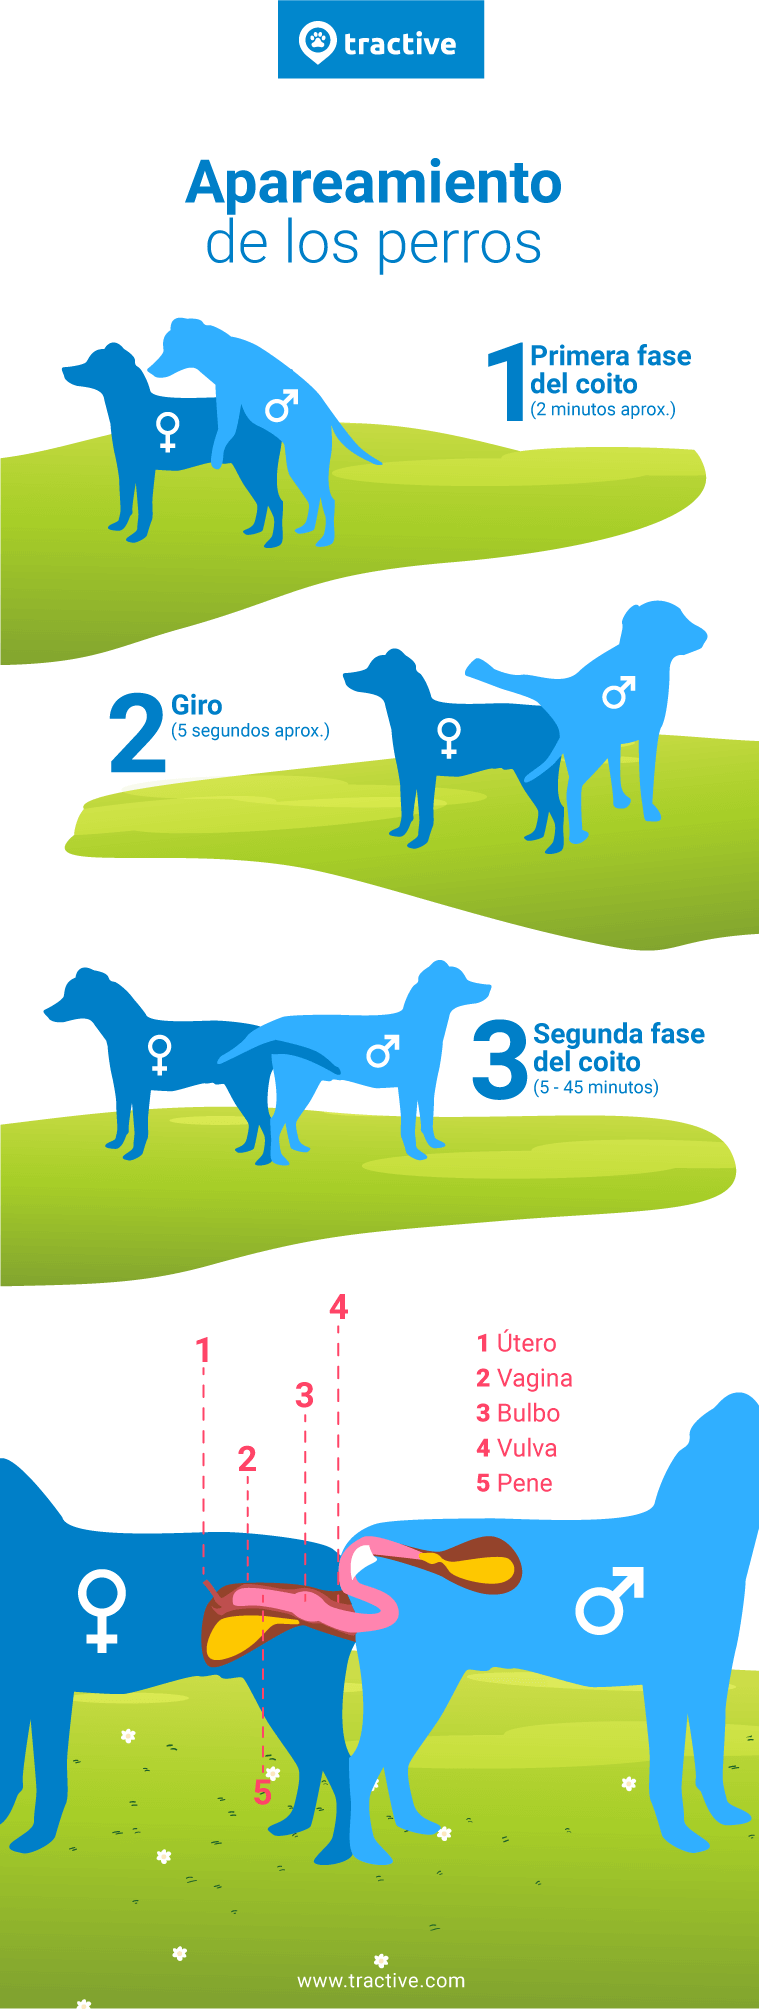 Esta infografía ilustra el acto sexual o apareamiento de los perros